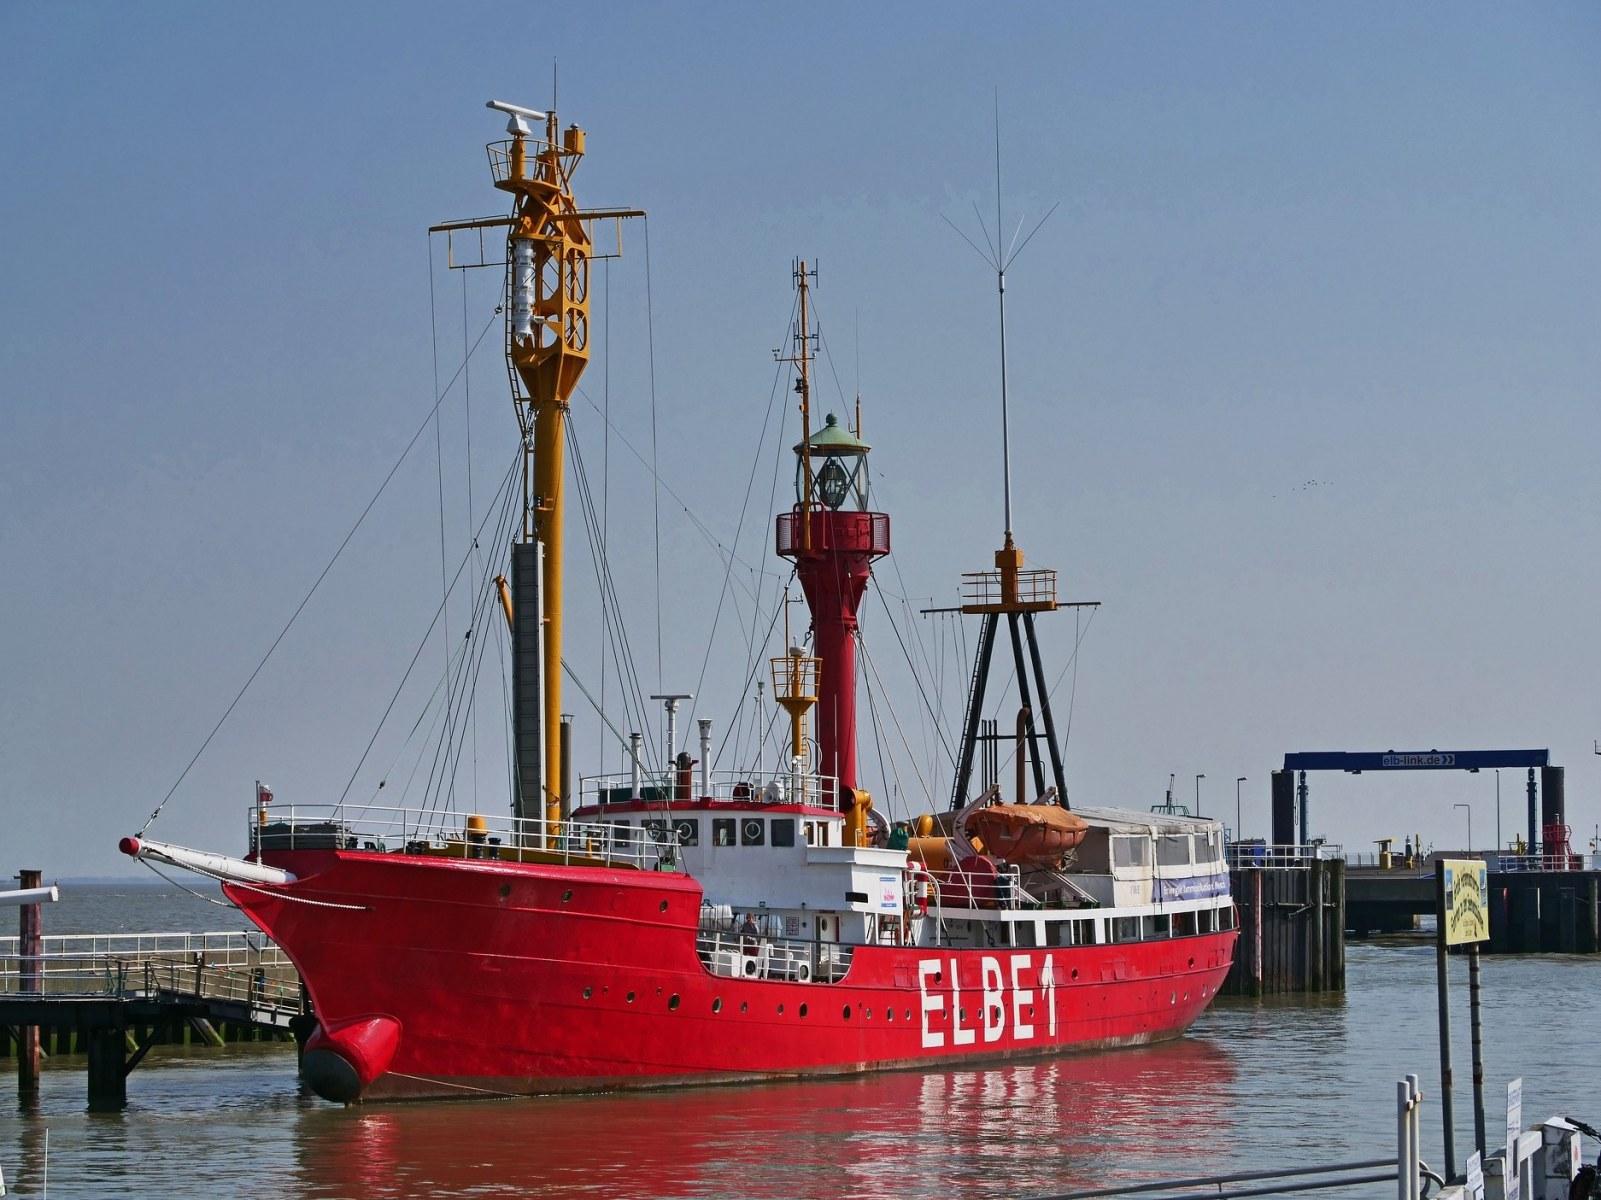 Feuerschiff Elbe 1 in Cuxhaven